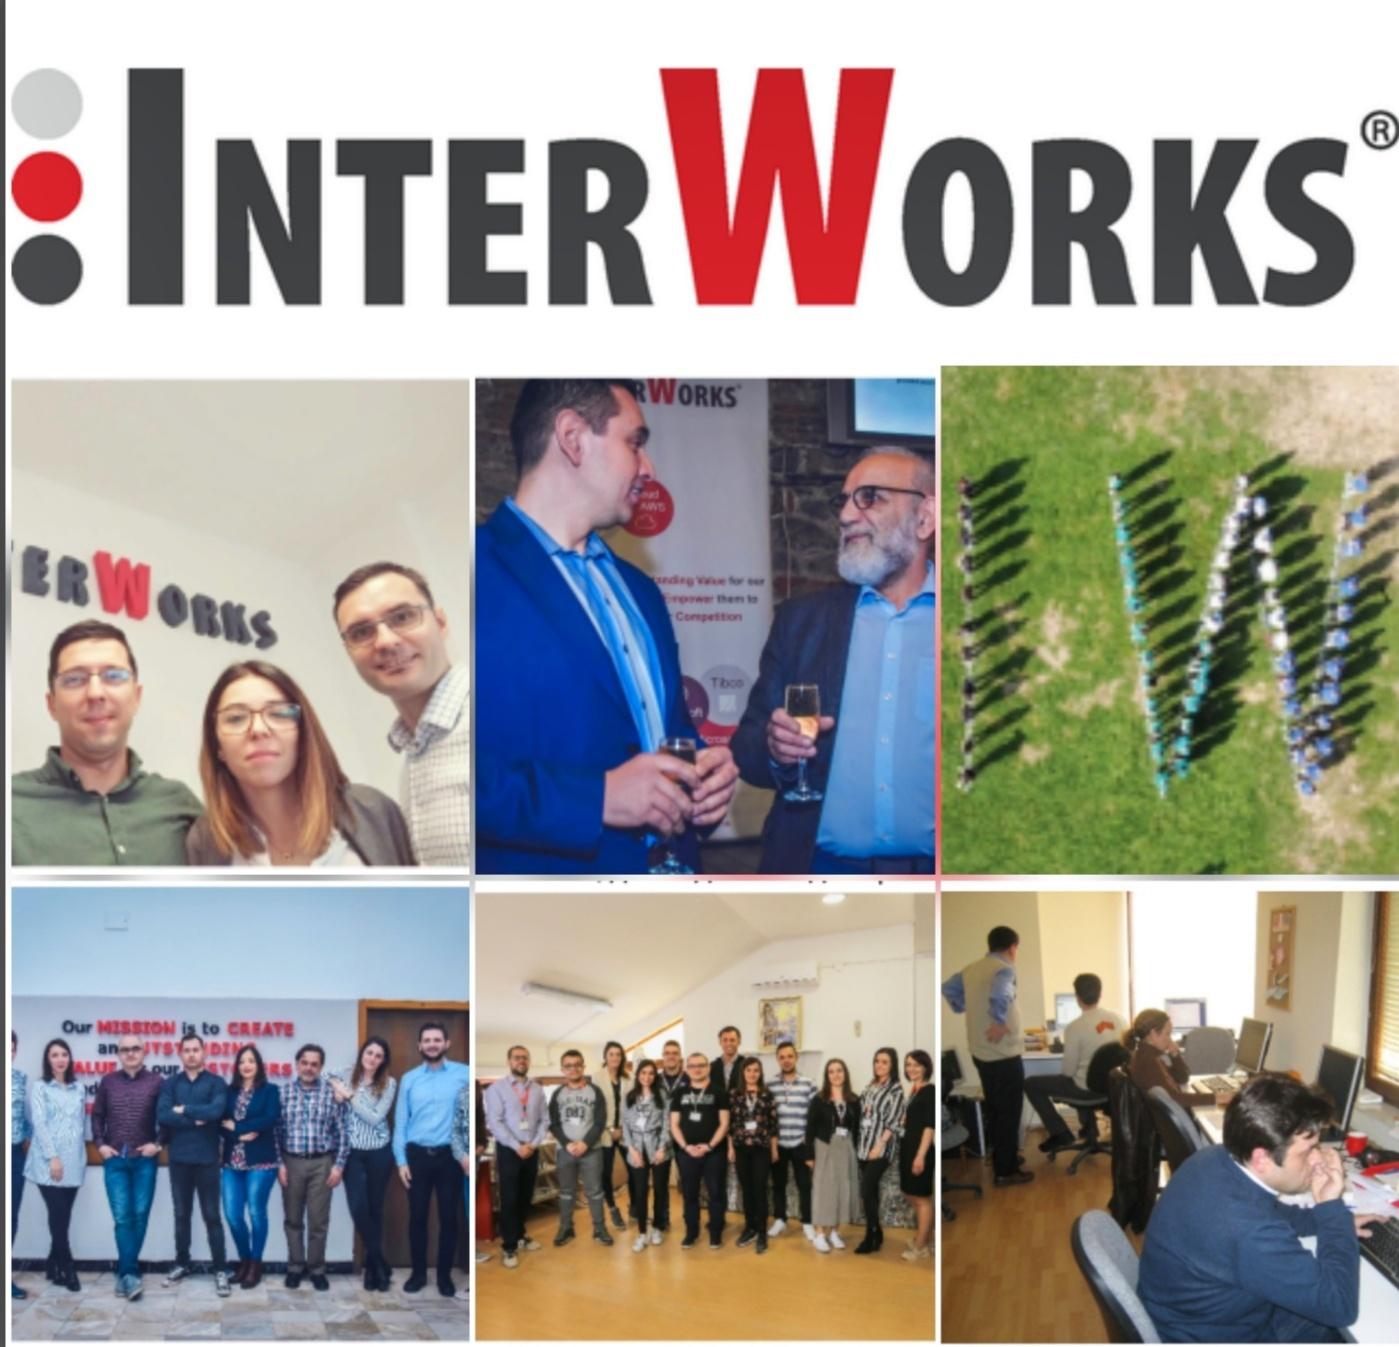 Интерворкс Битола, од мала група ентузијасти до гиганти во ИТ технологијата